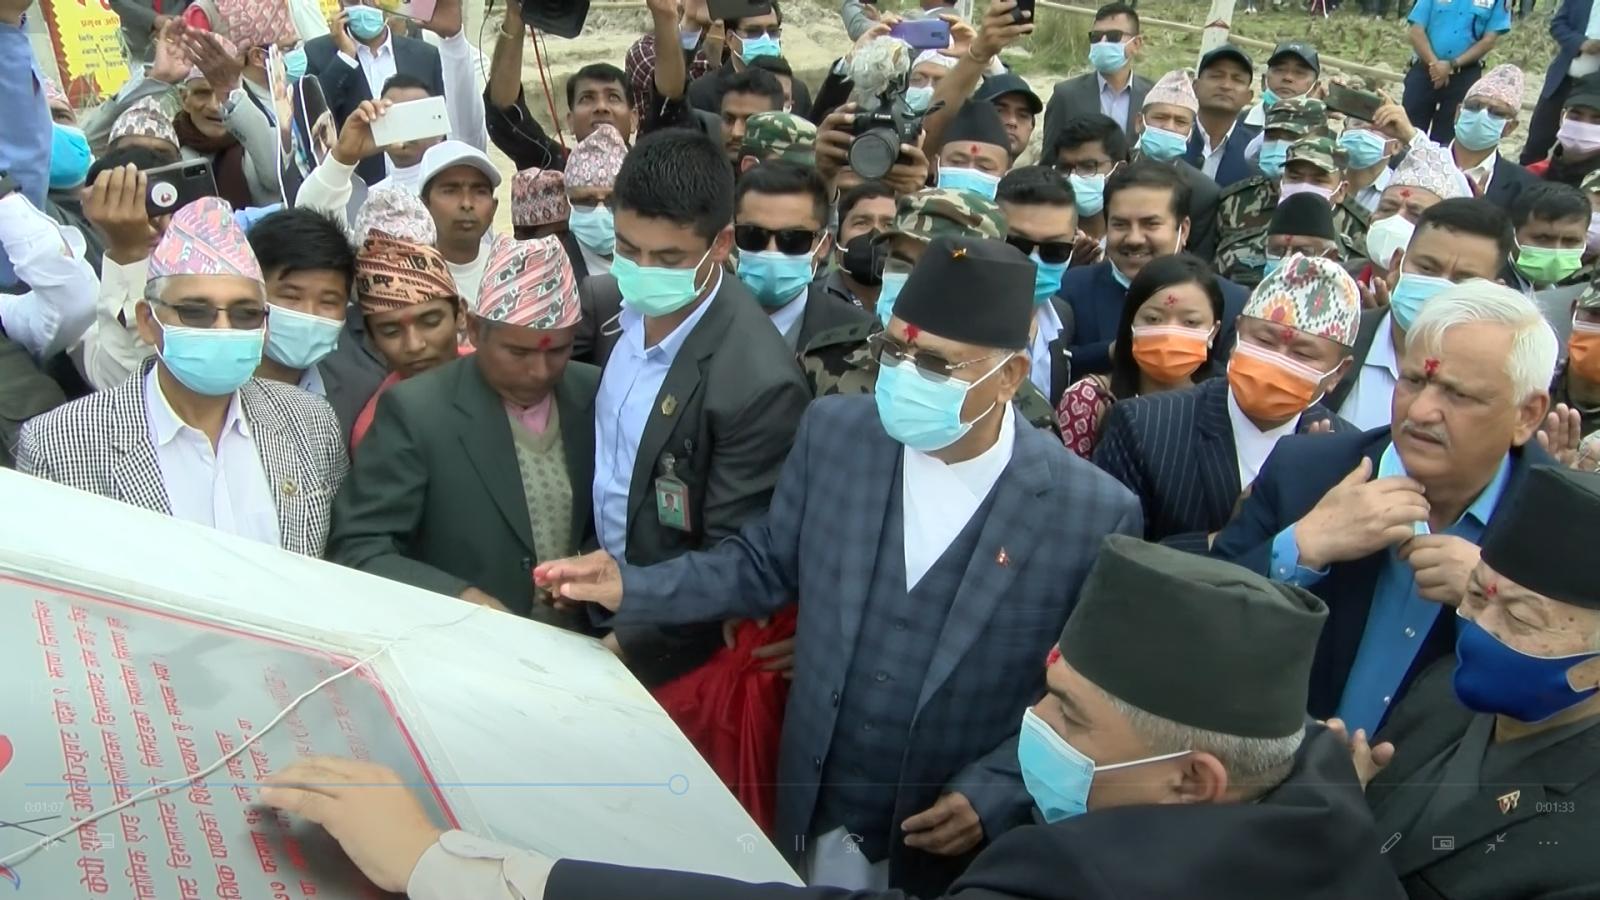 चीन-नेपाल मैत्री औद्योगिक पार्कको शिलान्यास कार्याक्रमको ताम्रपत्र अनावरण गर्नु हुँदै सम्माननीय प्रधानमन्त्री केपी शर्मा ओली